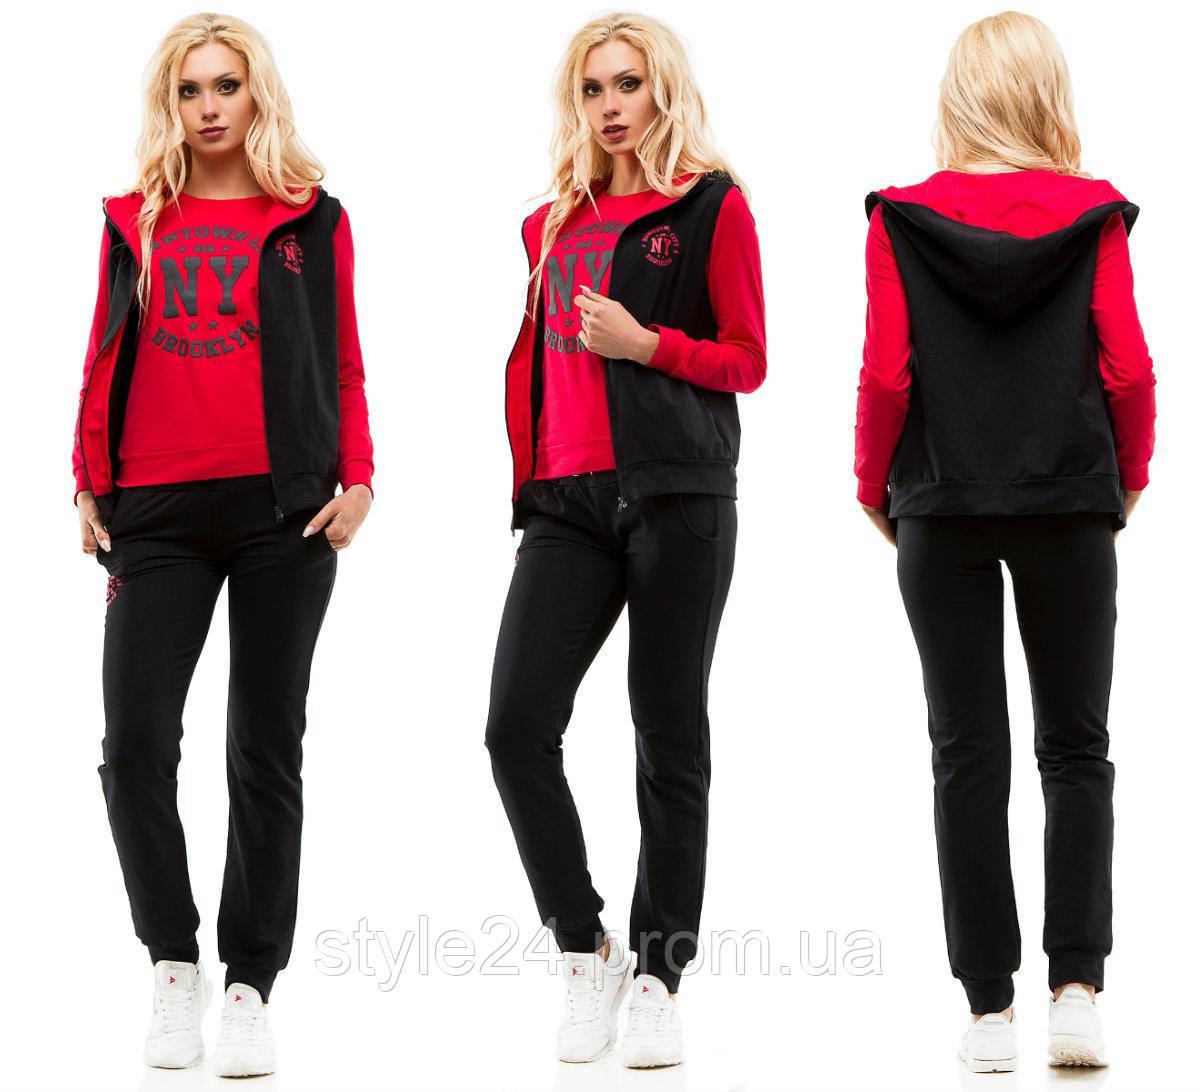 Жіночий спортивний костюм-тройка з жилеткою.Р-ри 44-50  продажа ... 7848f19351603